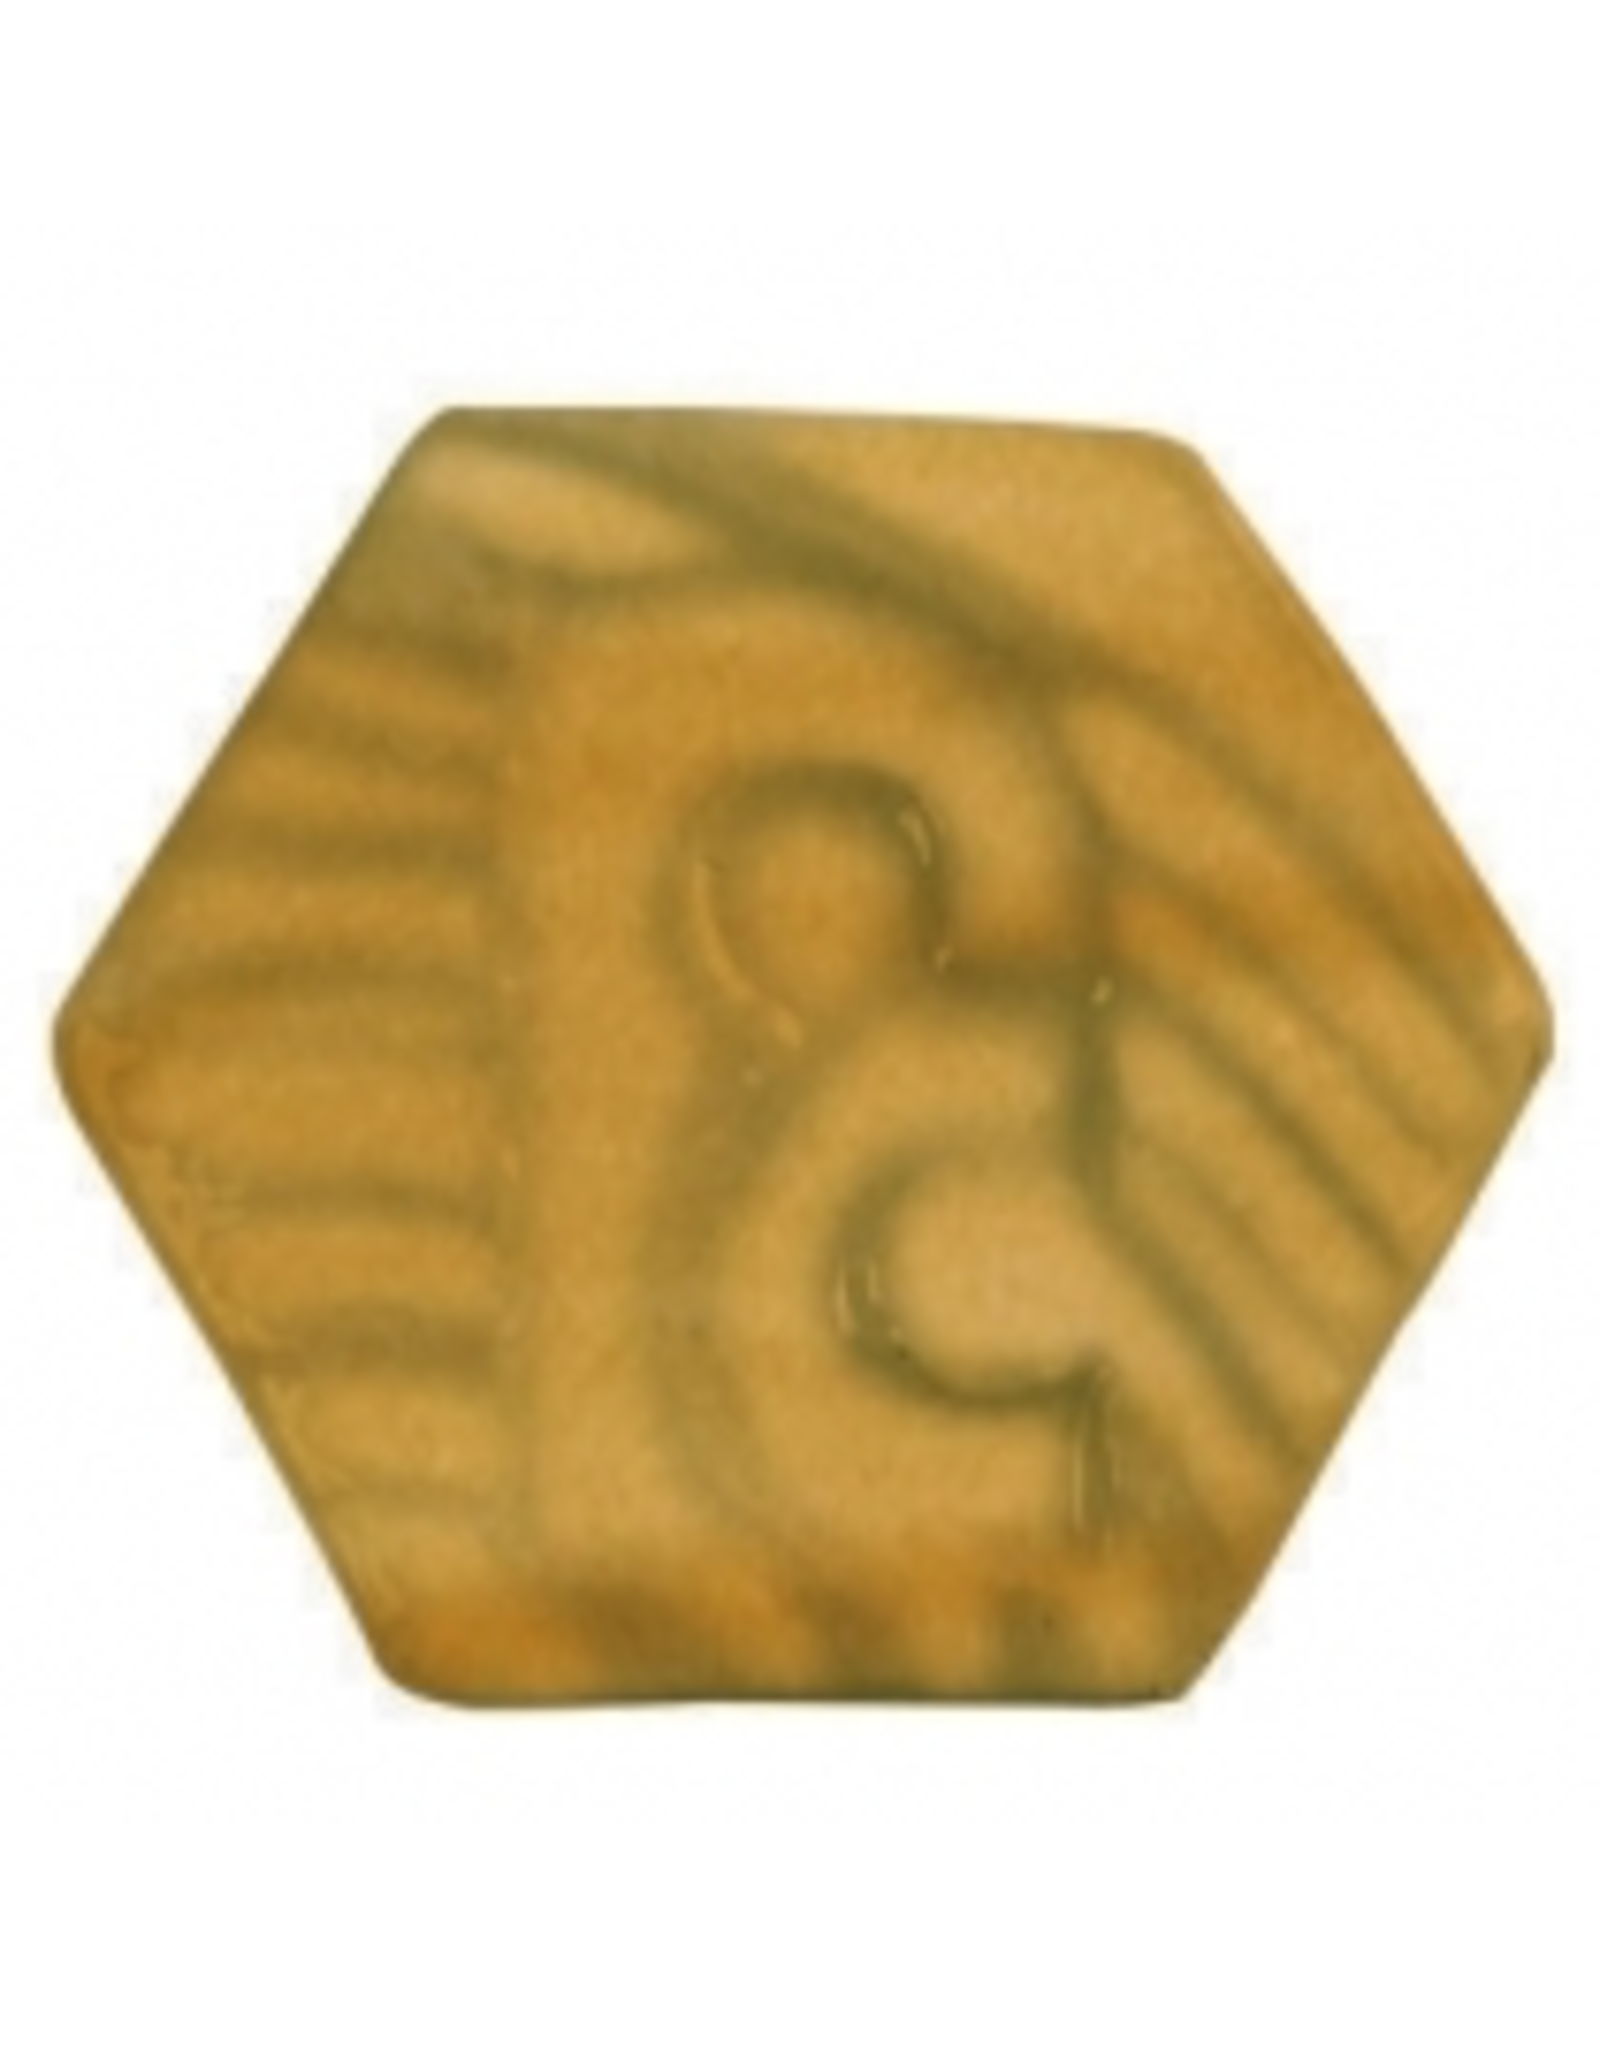 Potterycrafts Orange On-glaze